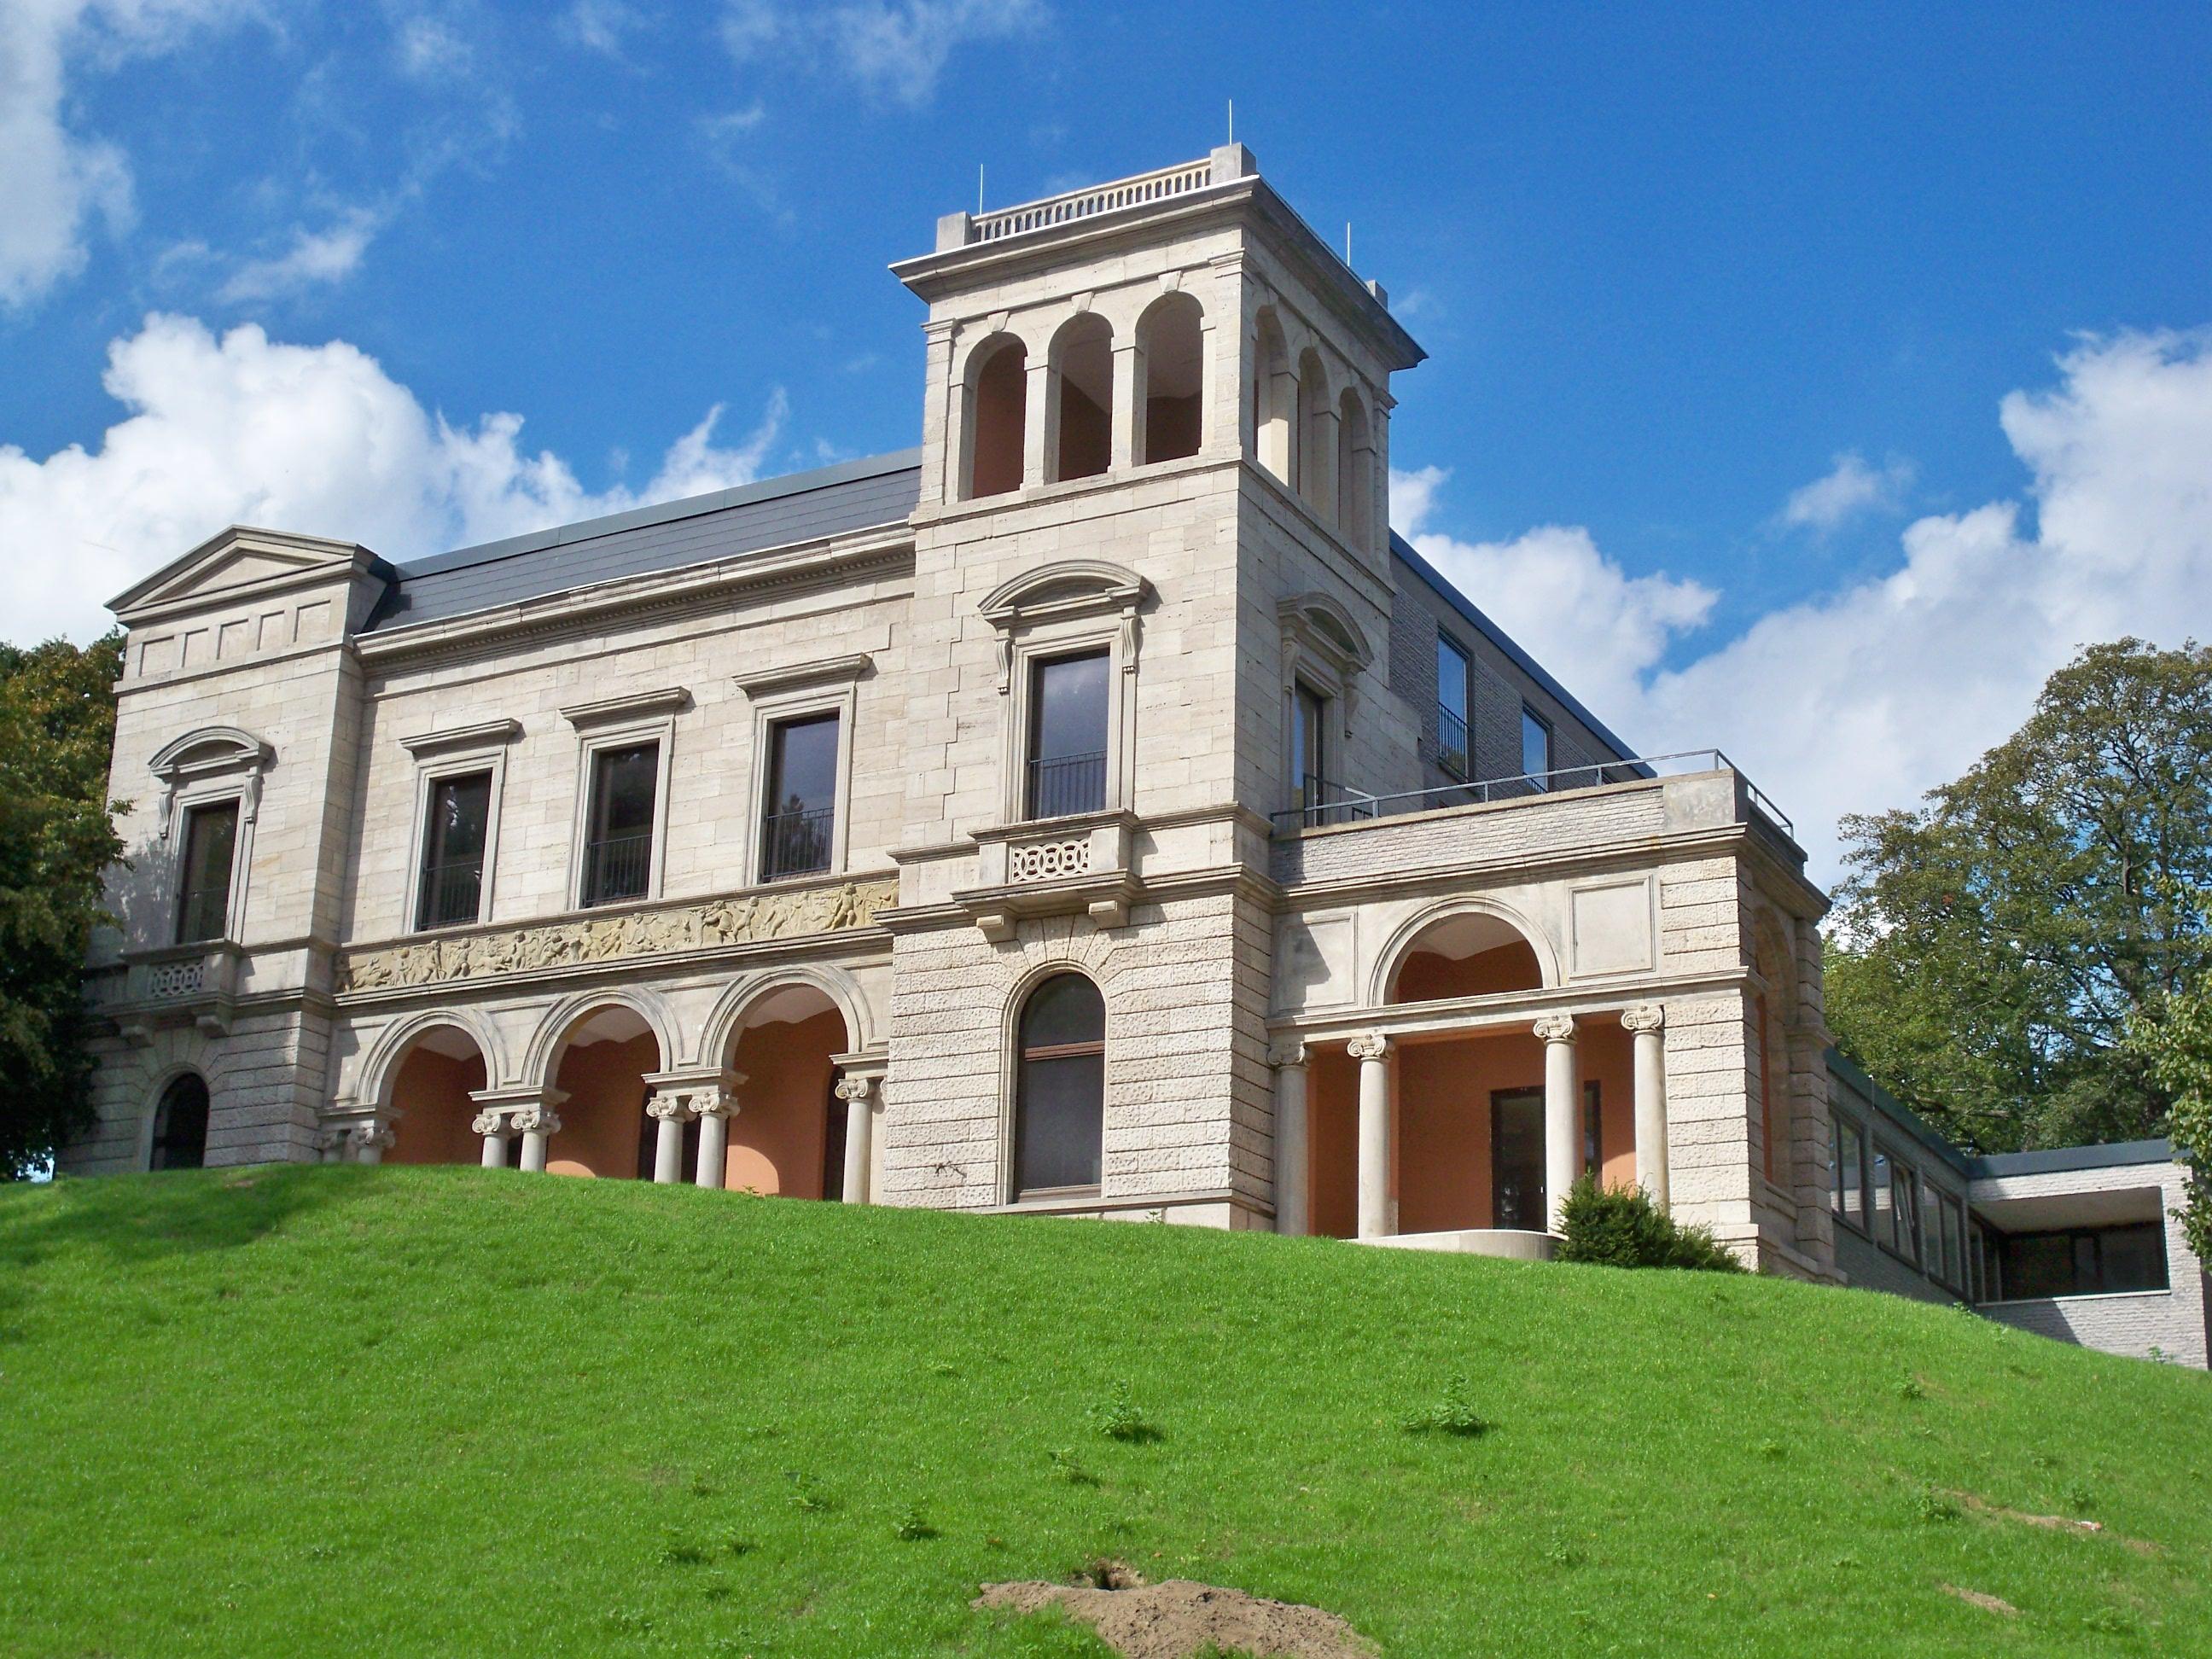 Die ehemalige Löbbecke-Villa am Inselwallpark war von 1968 bis zum Verkauf im Jahr 2009 Gästehaus der TU Braunschweig. Foto: Vanellus Foto/Wikimedia